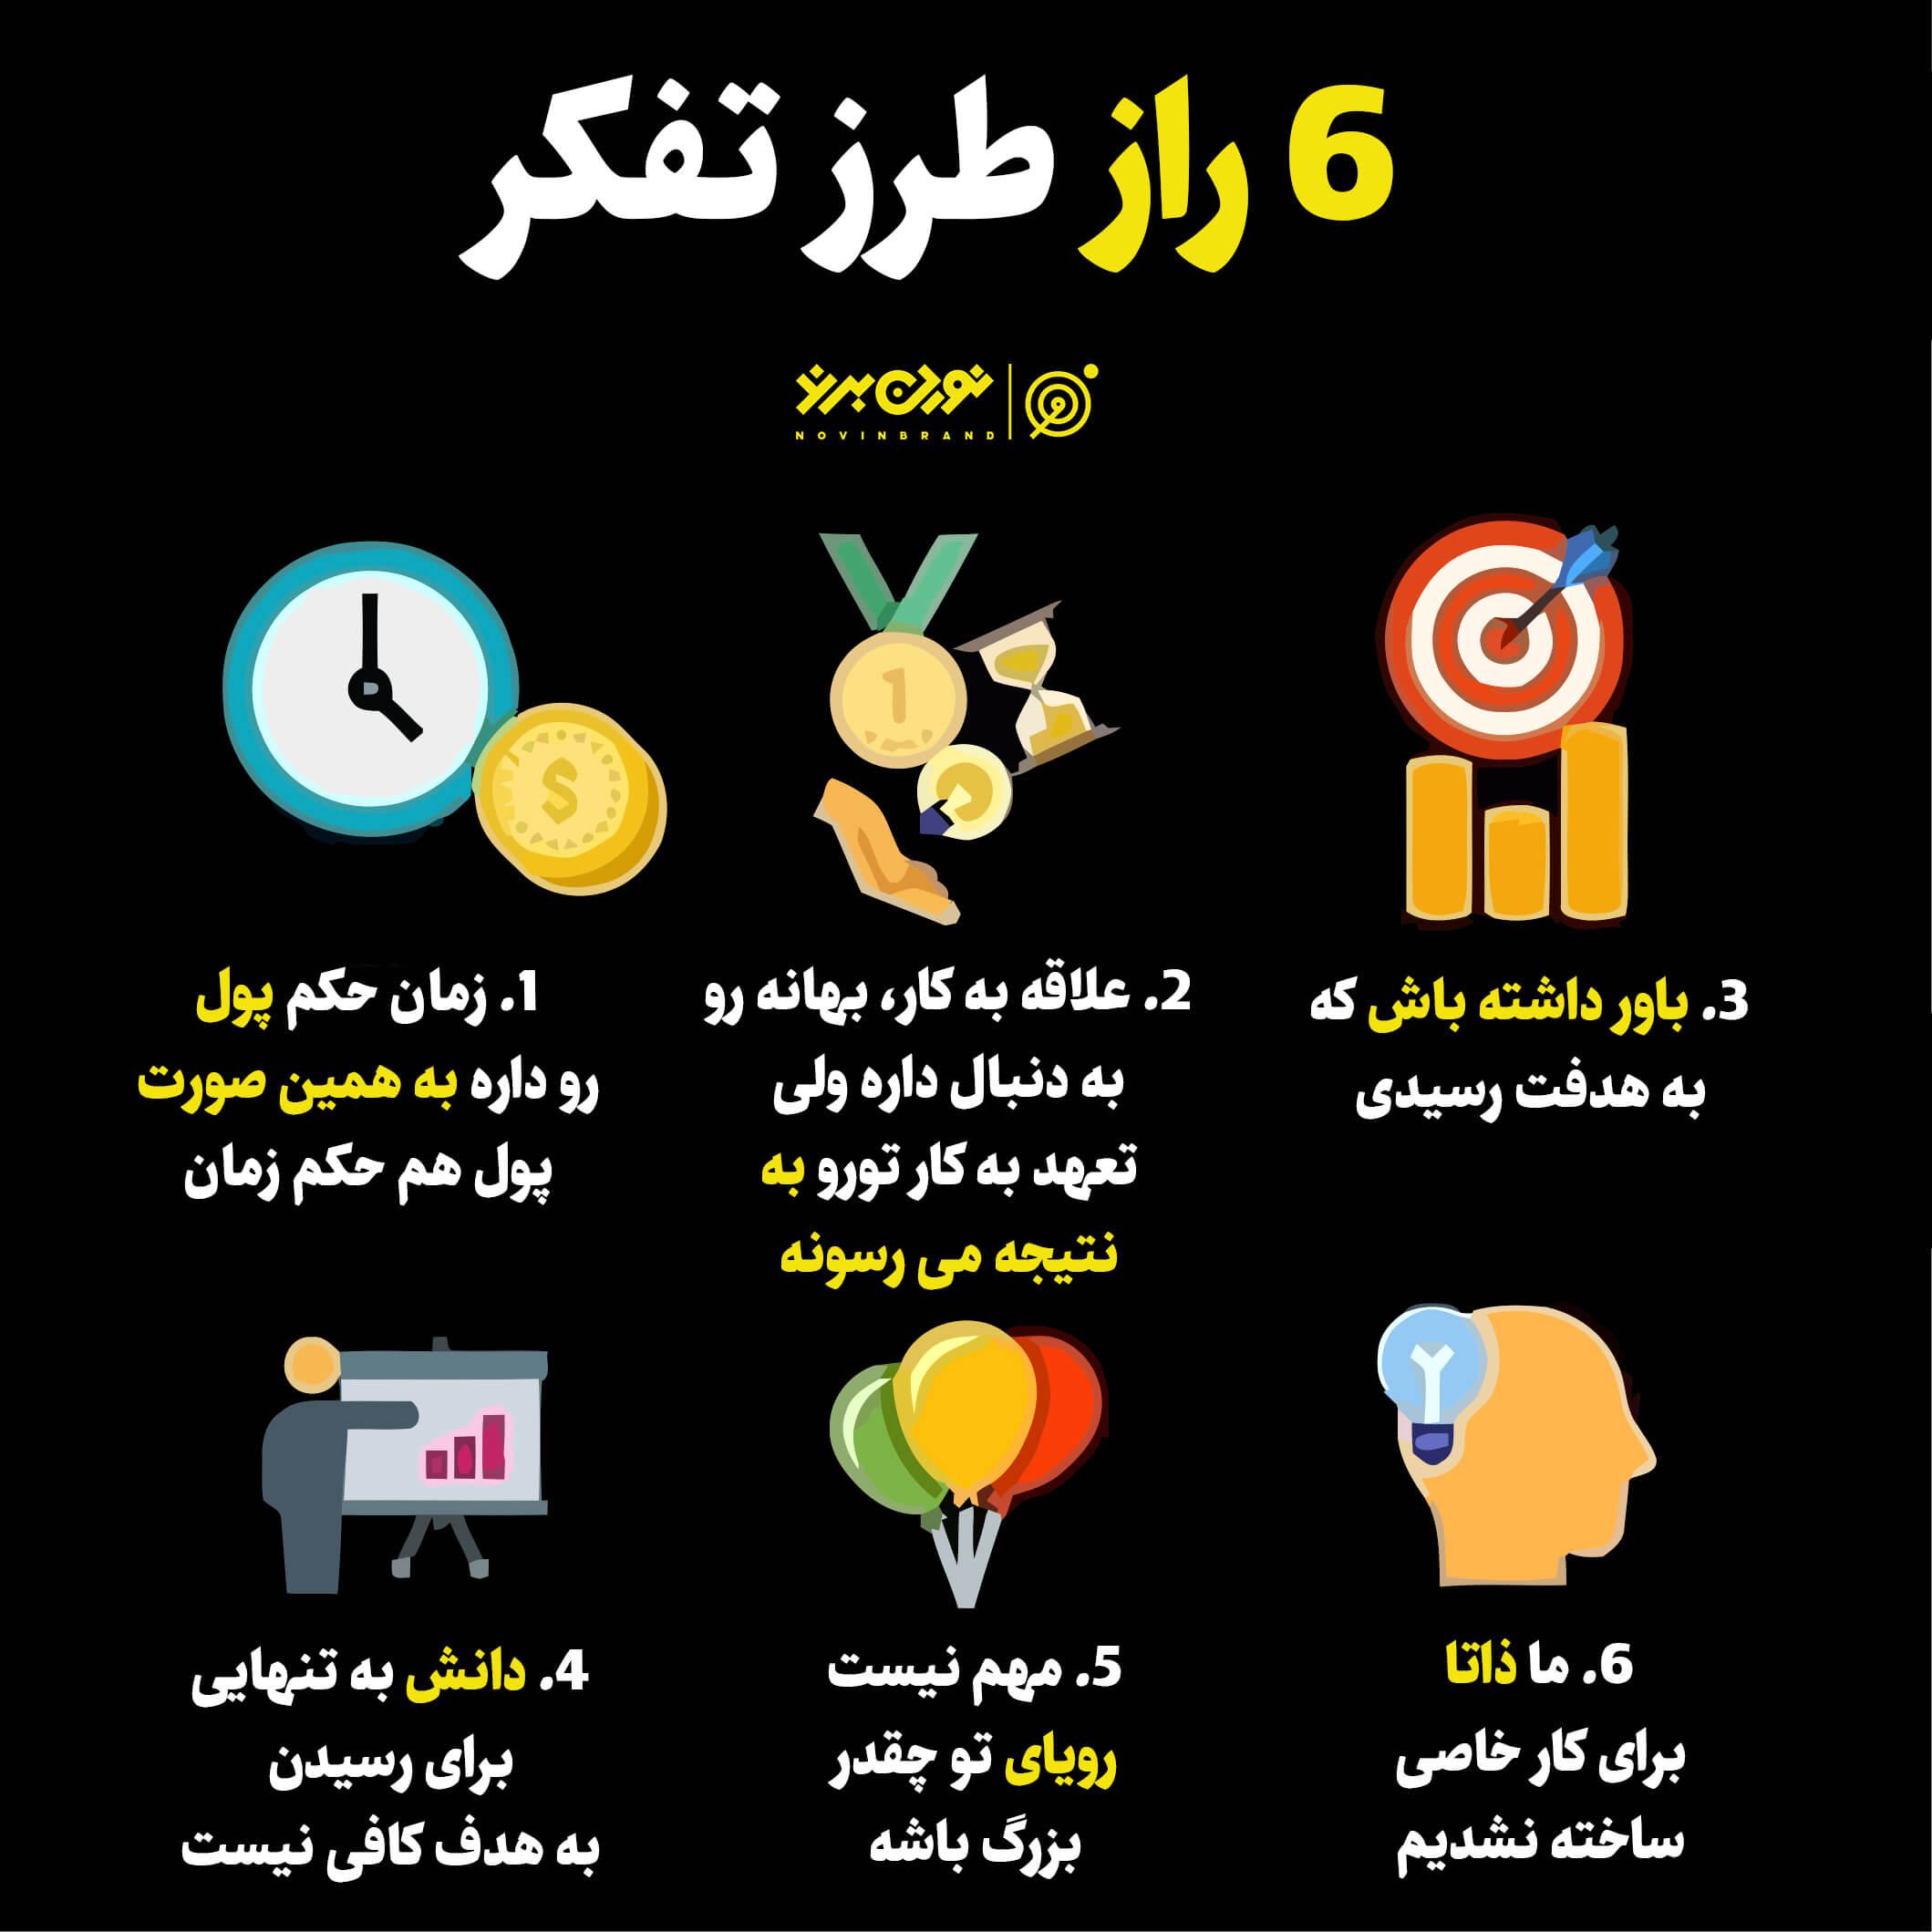 6 راز طرز تفکر